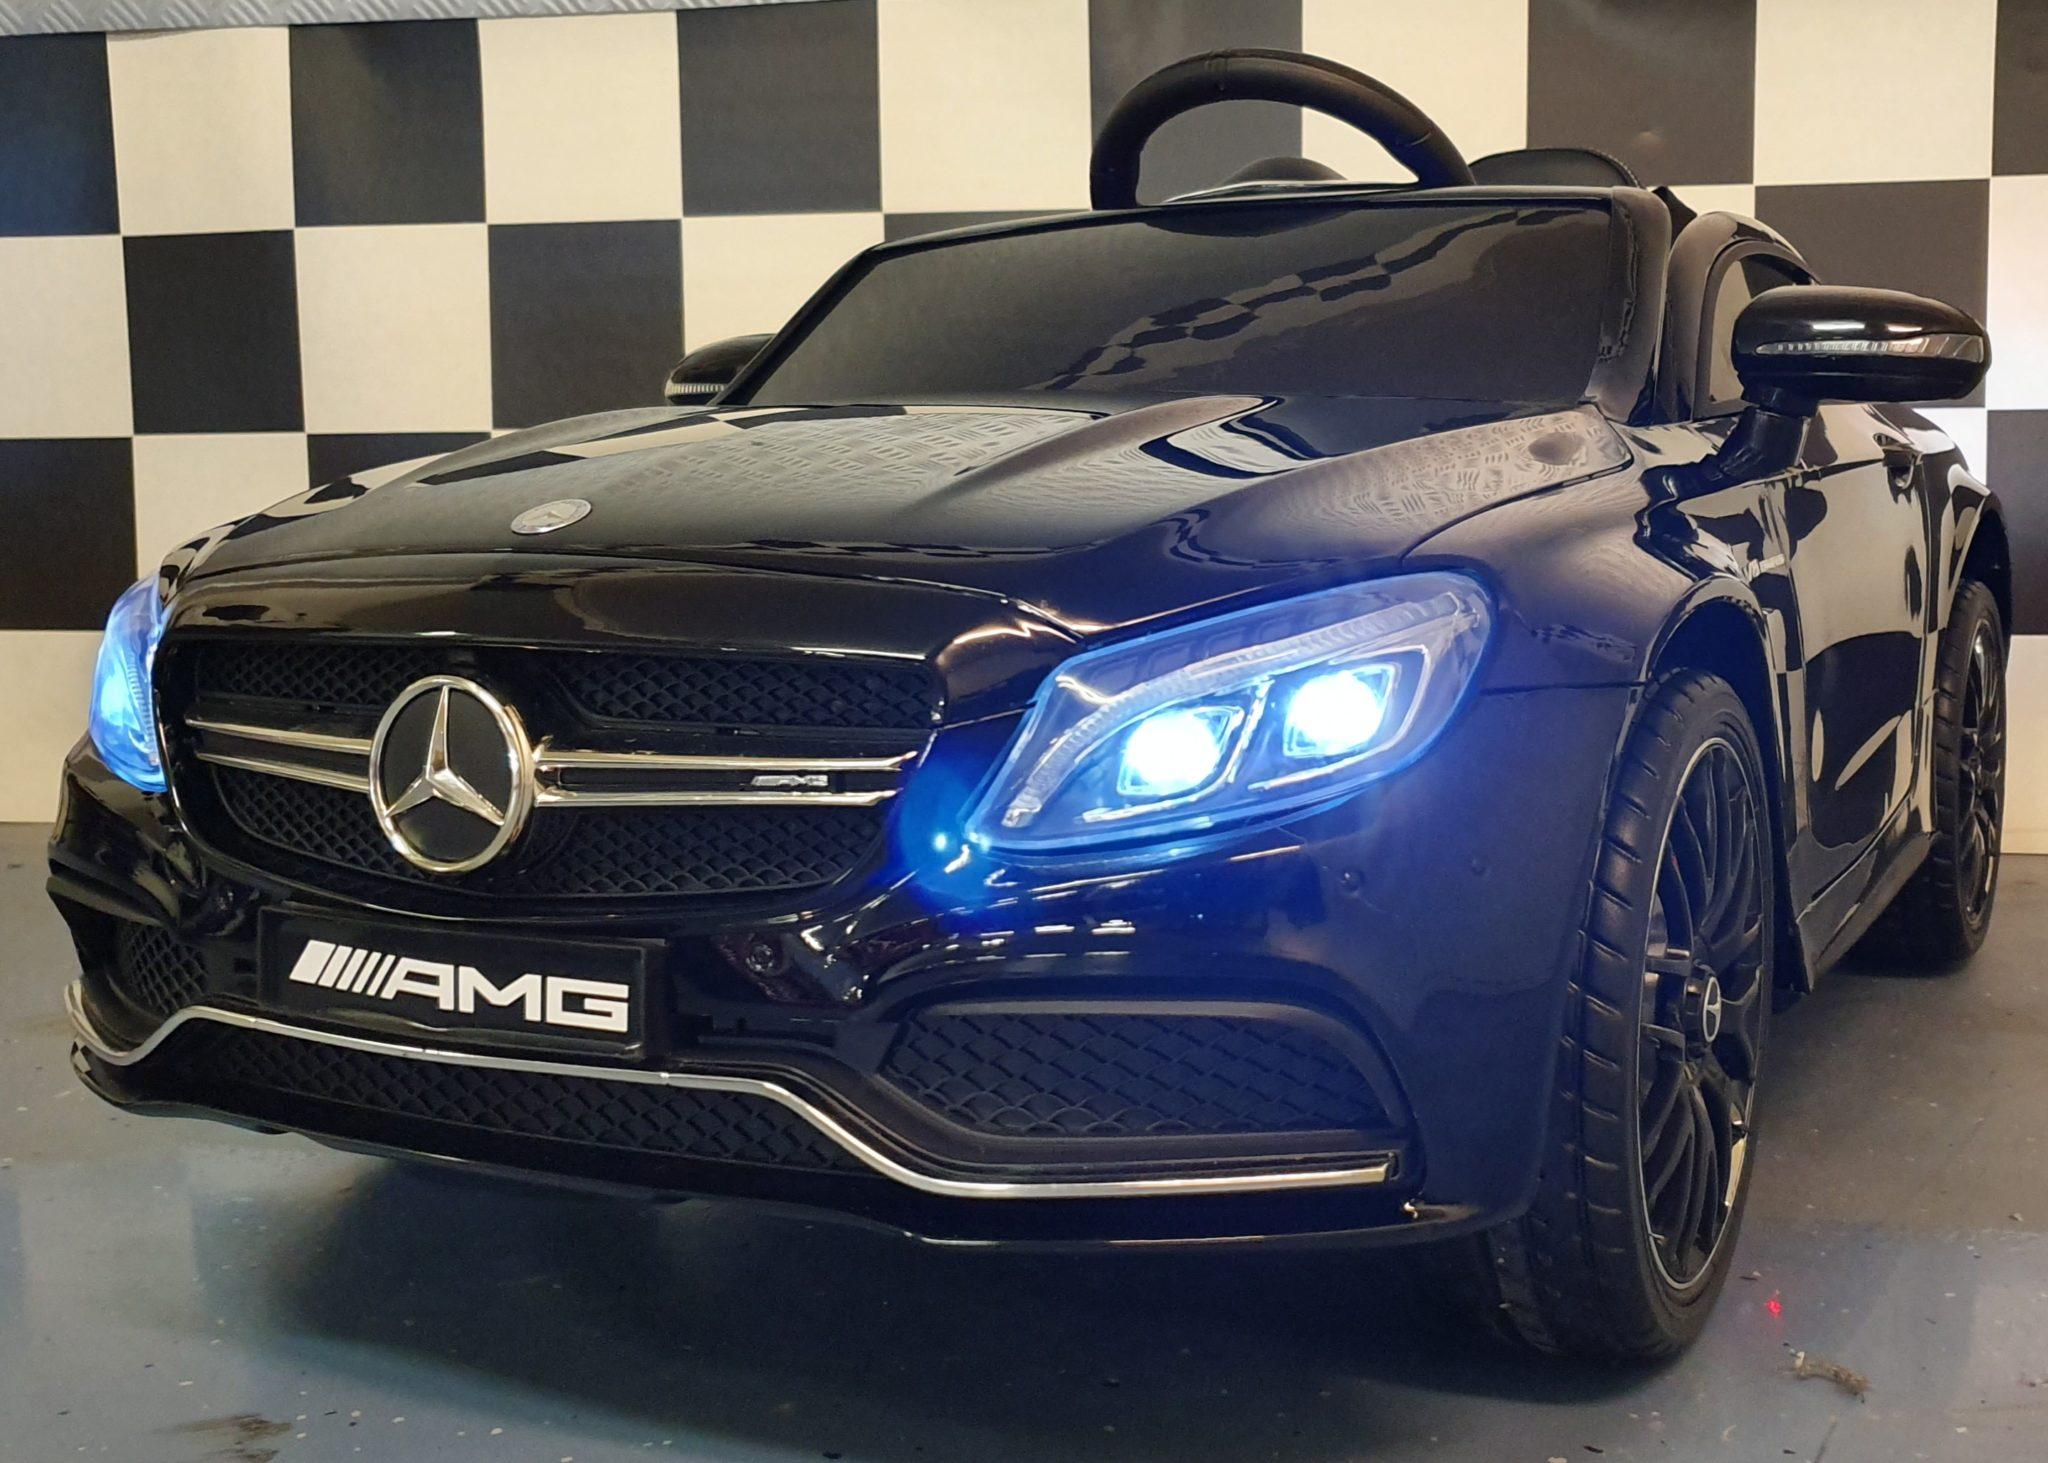 Accu kinderauto Mercedes C63 AMG 12 volt, 2.4G afstandbediening metallic zwart